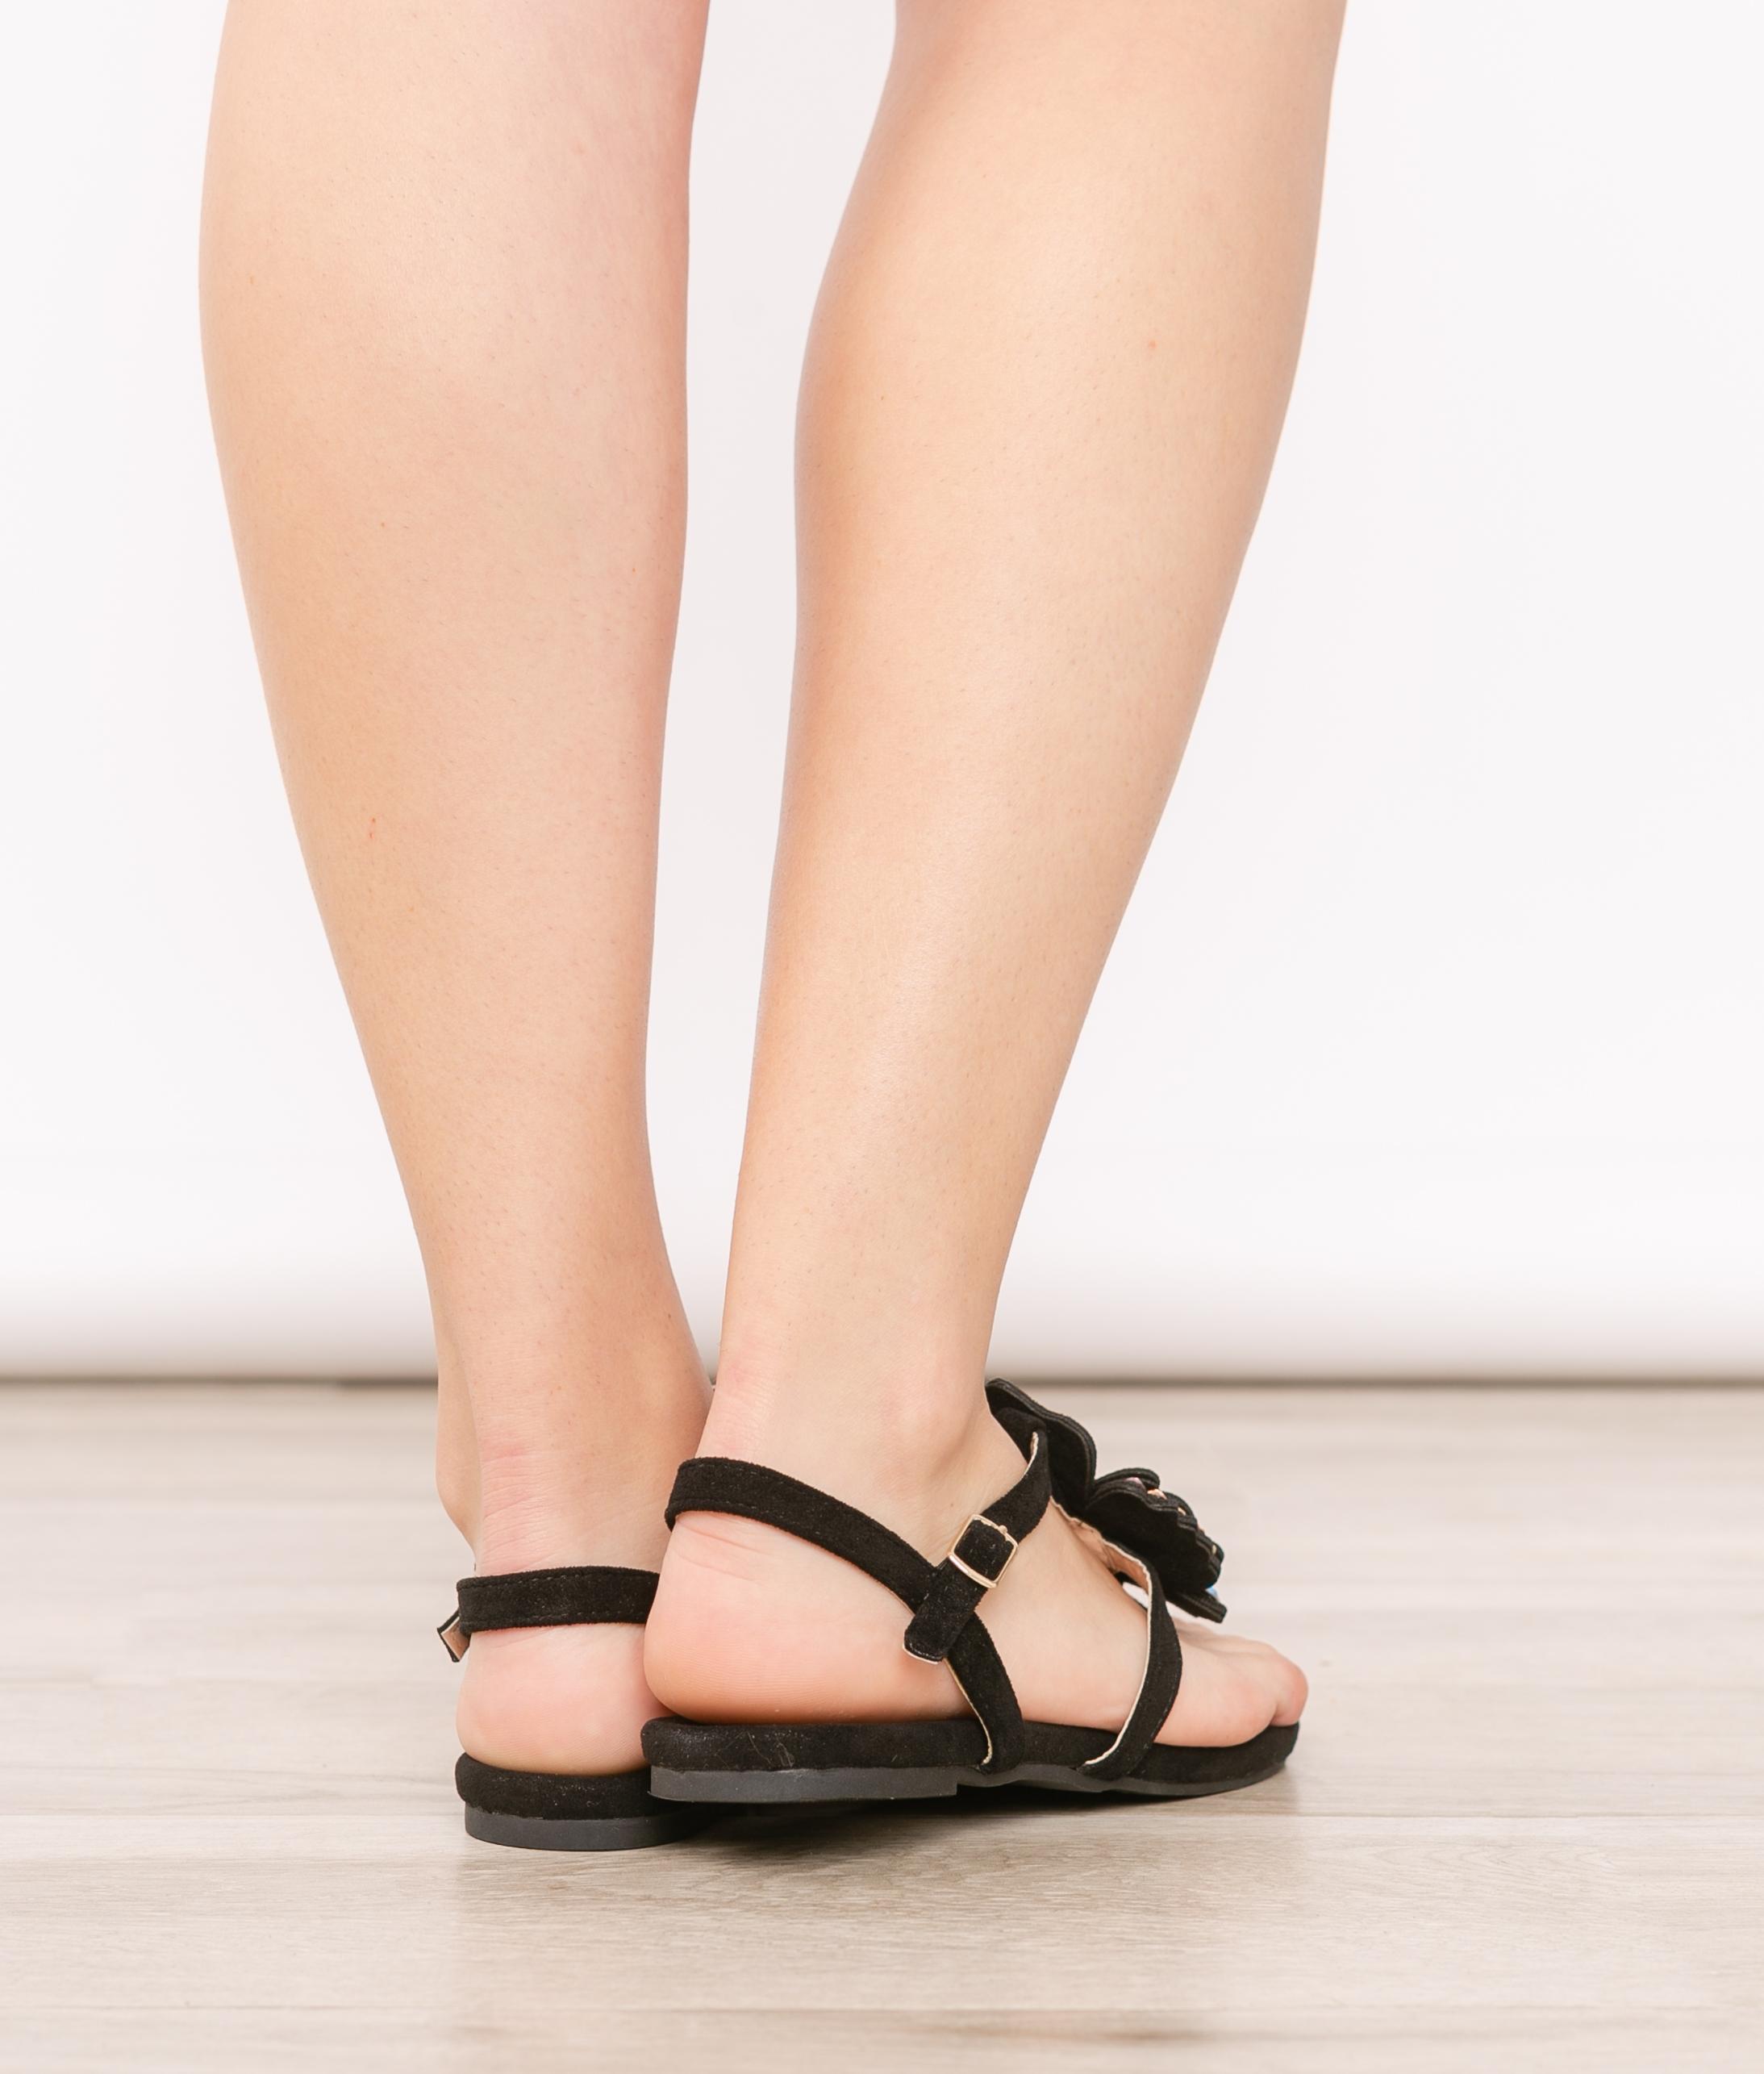 Sandal Fiorel - Gold